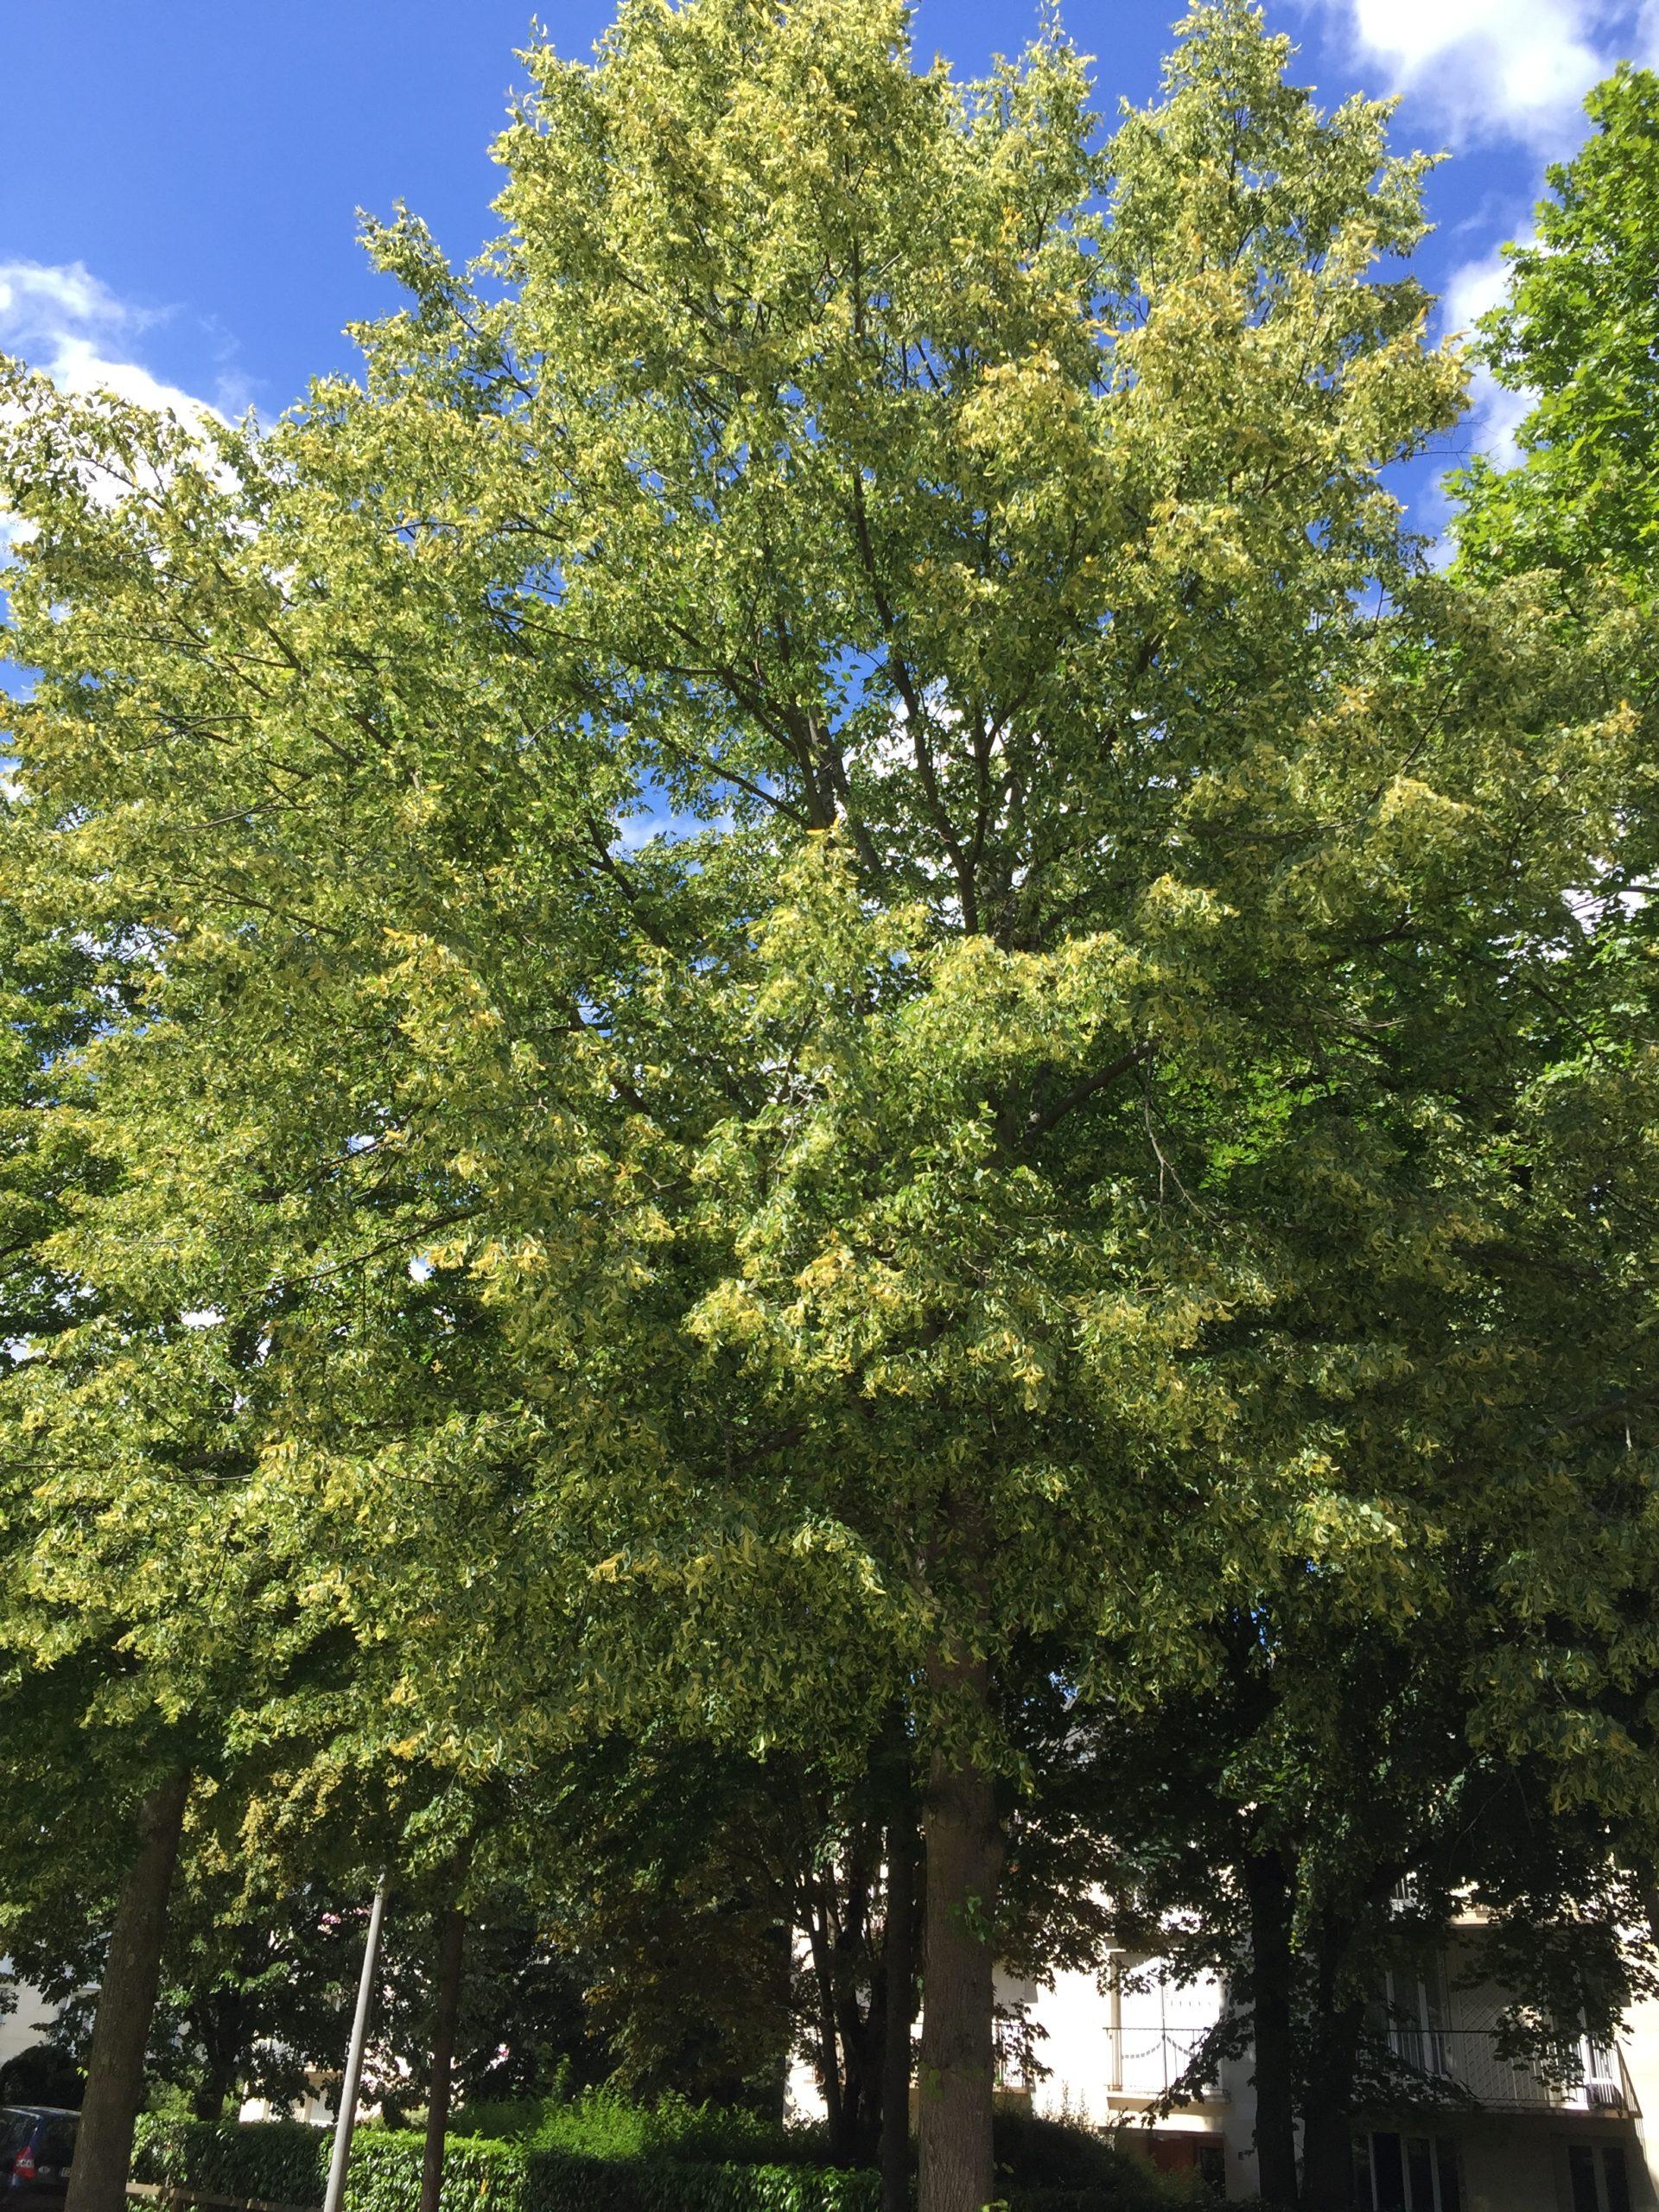 Tilleuls cordata - arbre